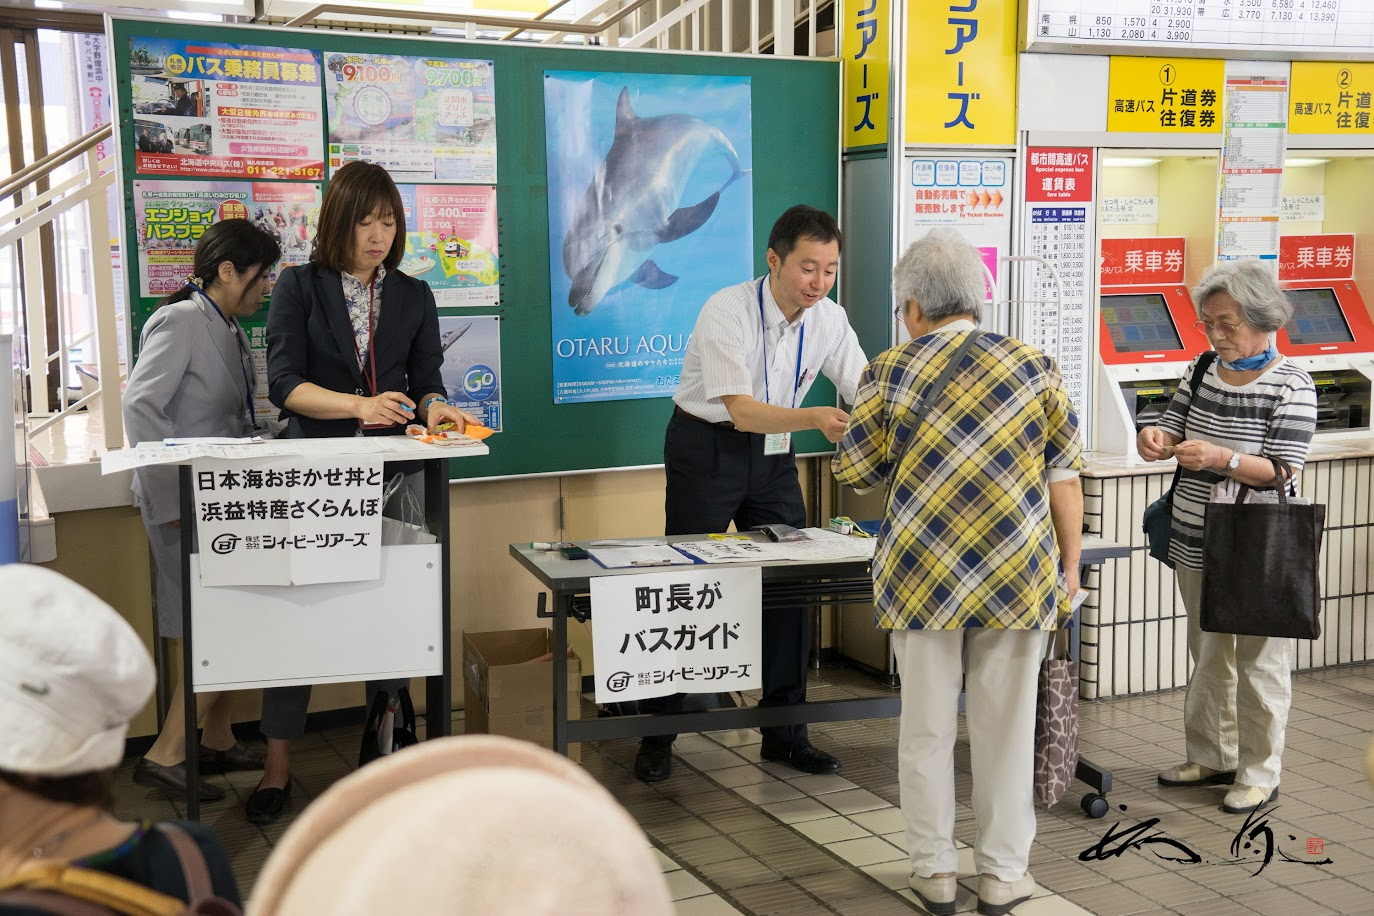 札幌中央バスターミナルにて受付